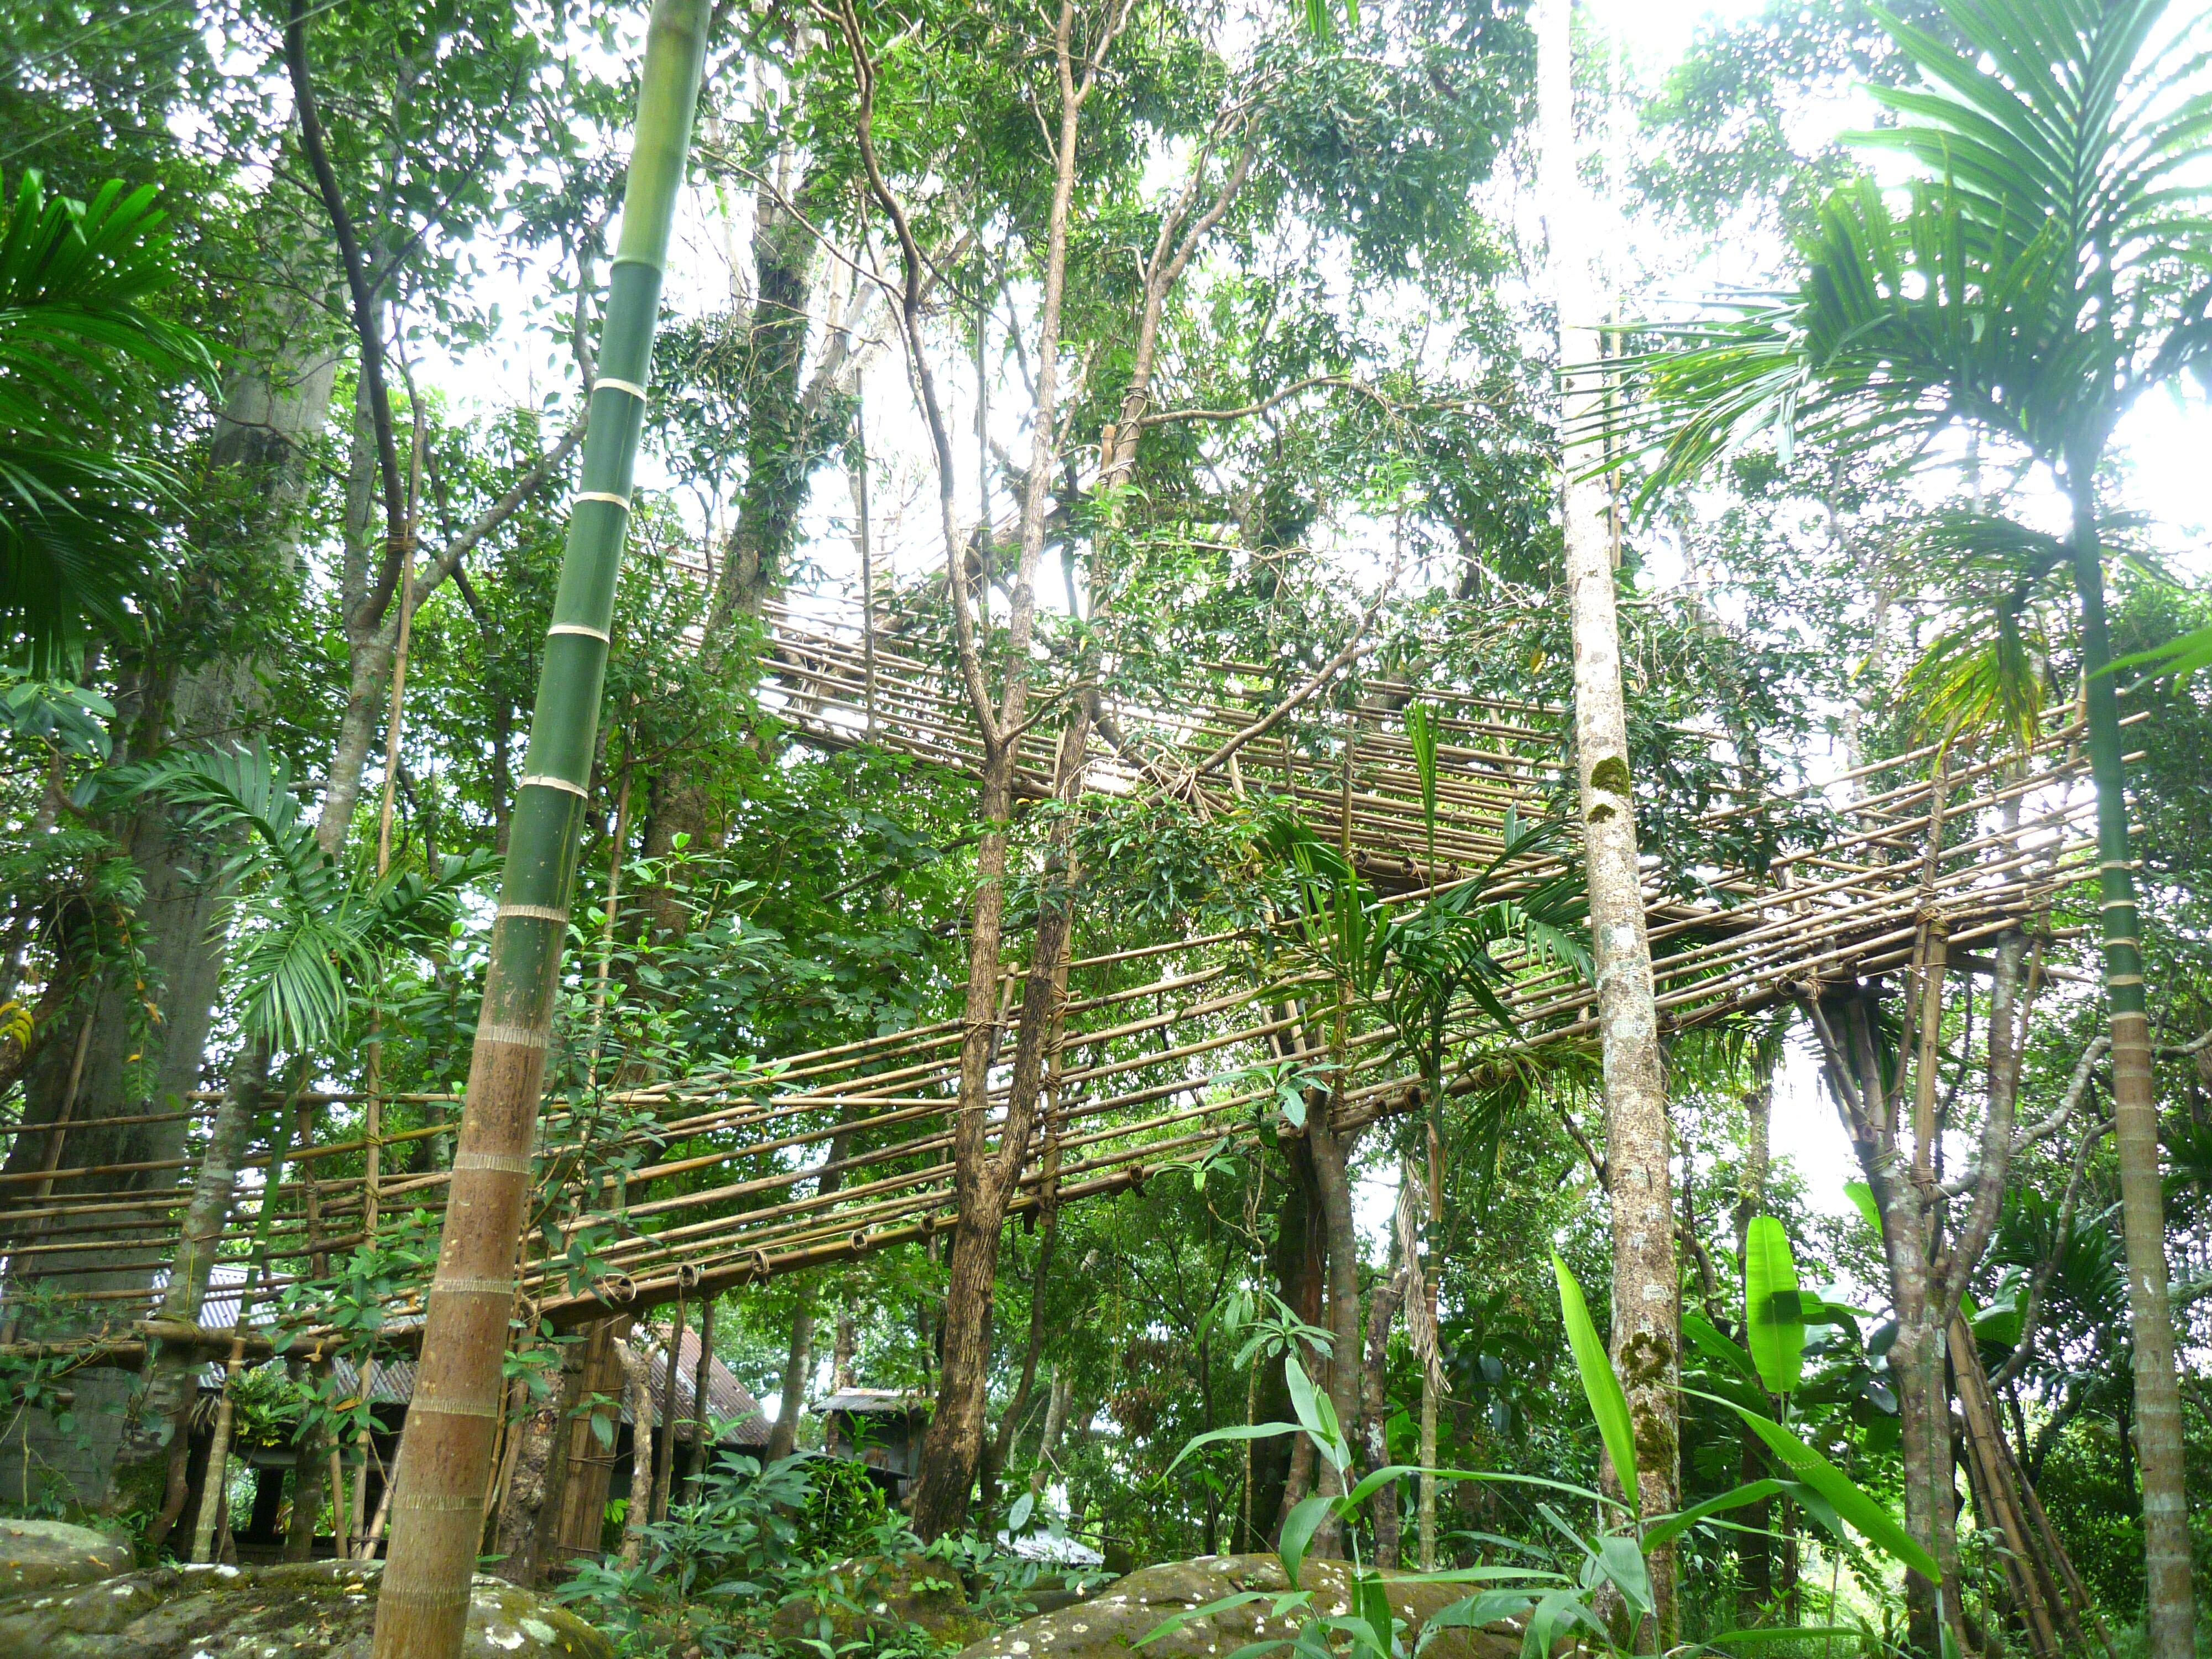 The Bangladesh view point at Mawlynnong